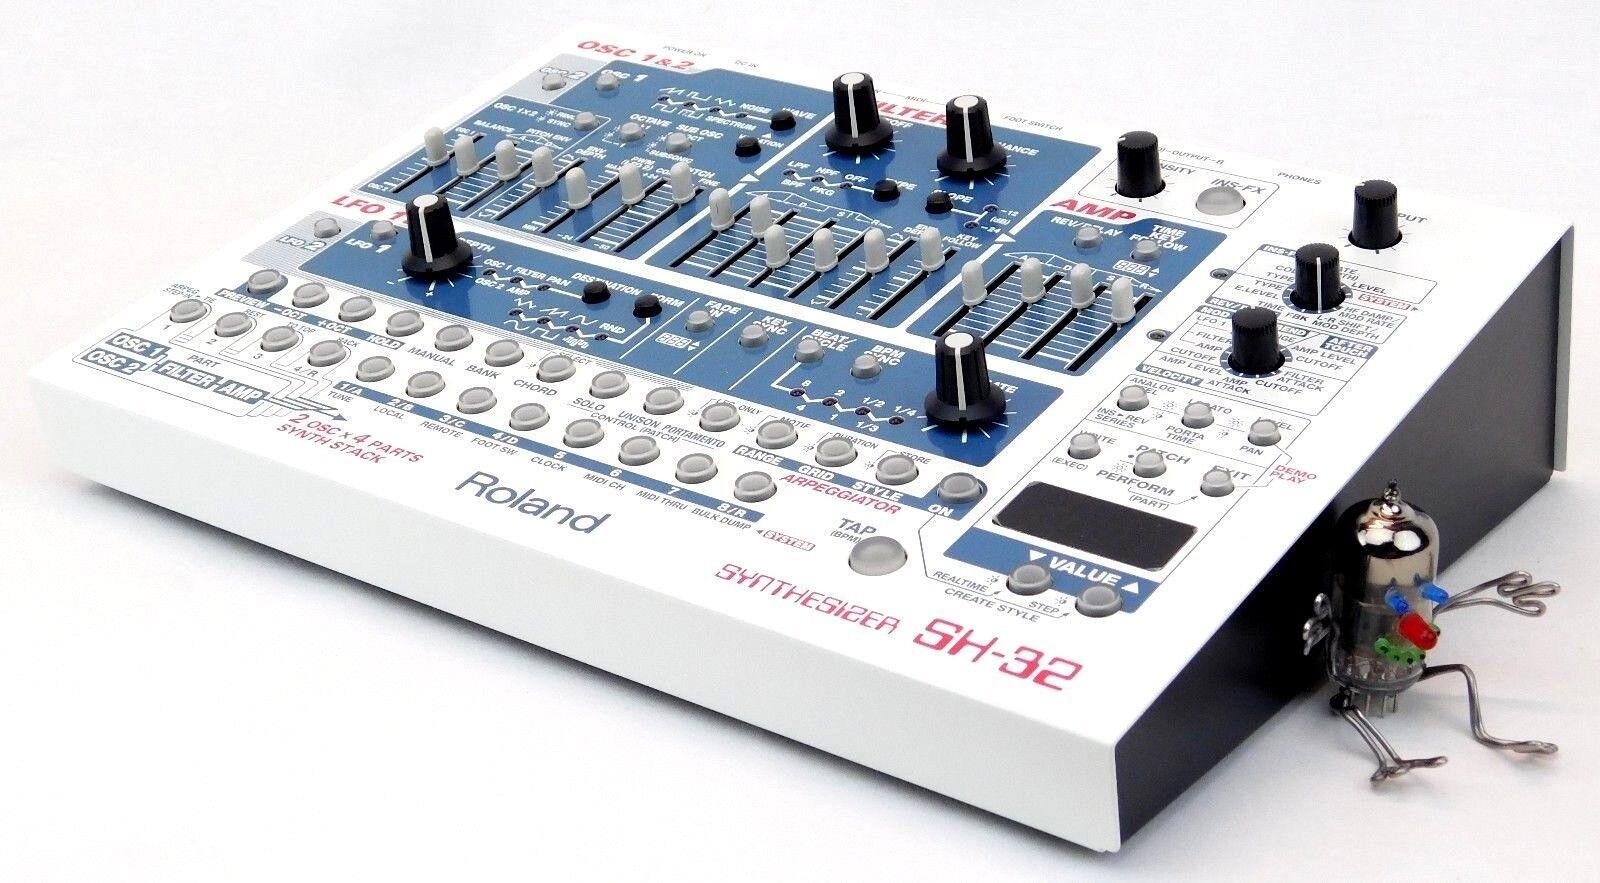 Roland SH-32 SyntheGrößer MIDI Synth ähnl. JP-8080 + Wie Neu +1.5 Jahre Garantie